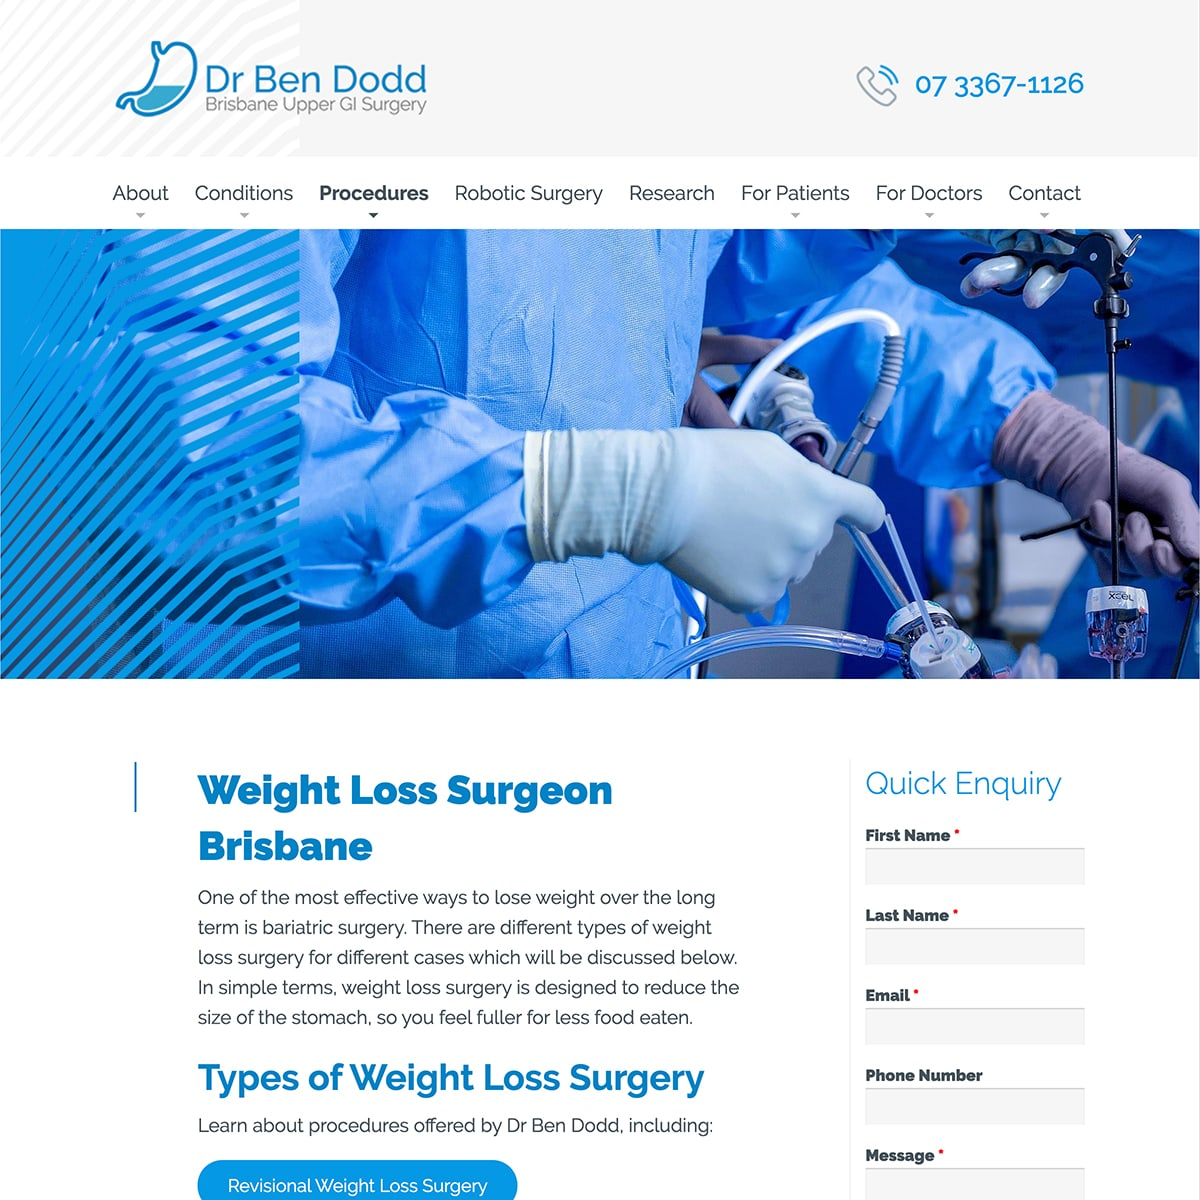 Dr Ben Dodd - Procedures